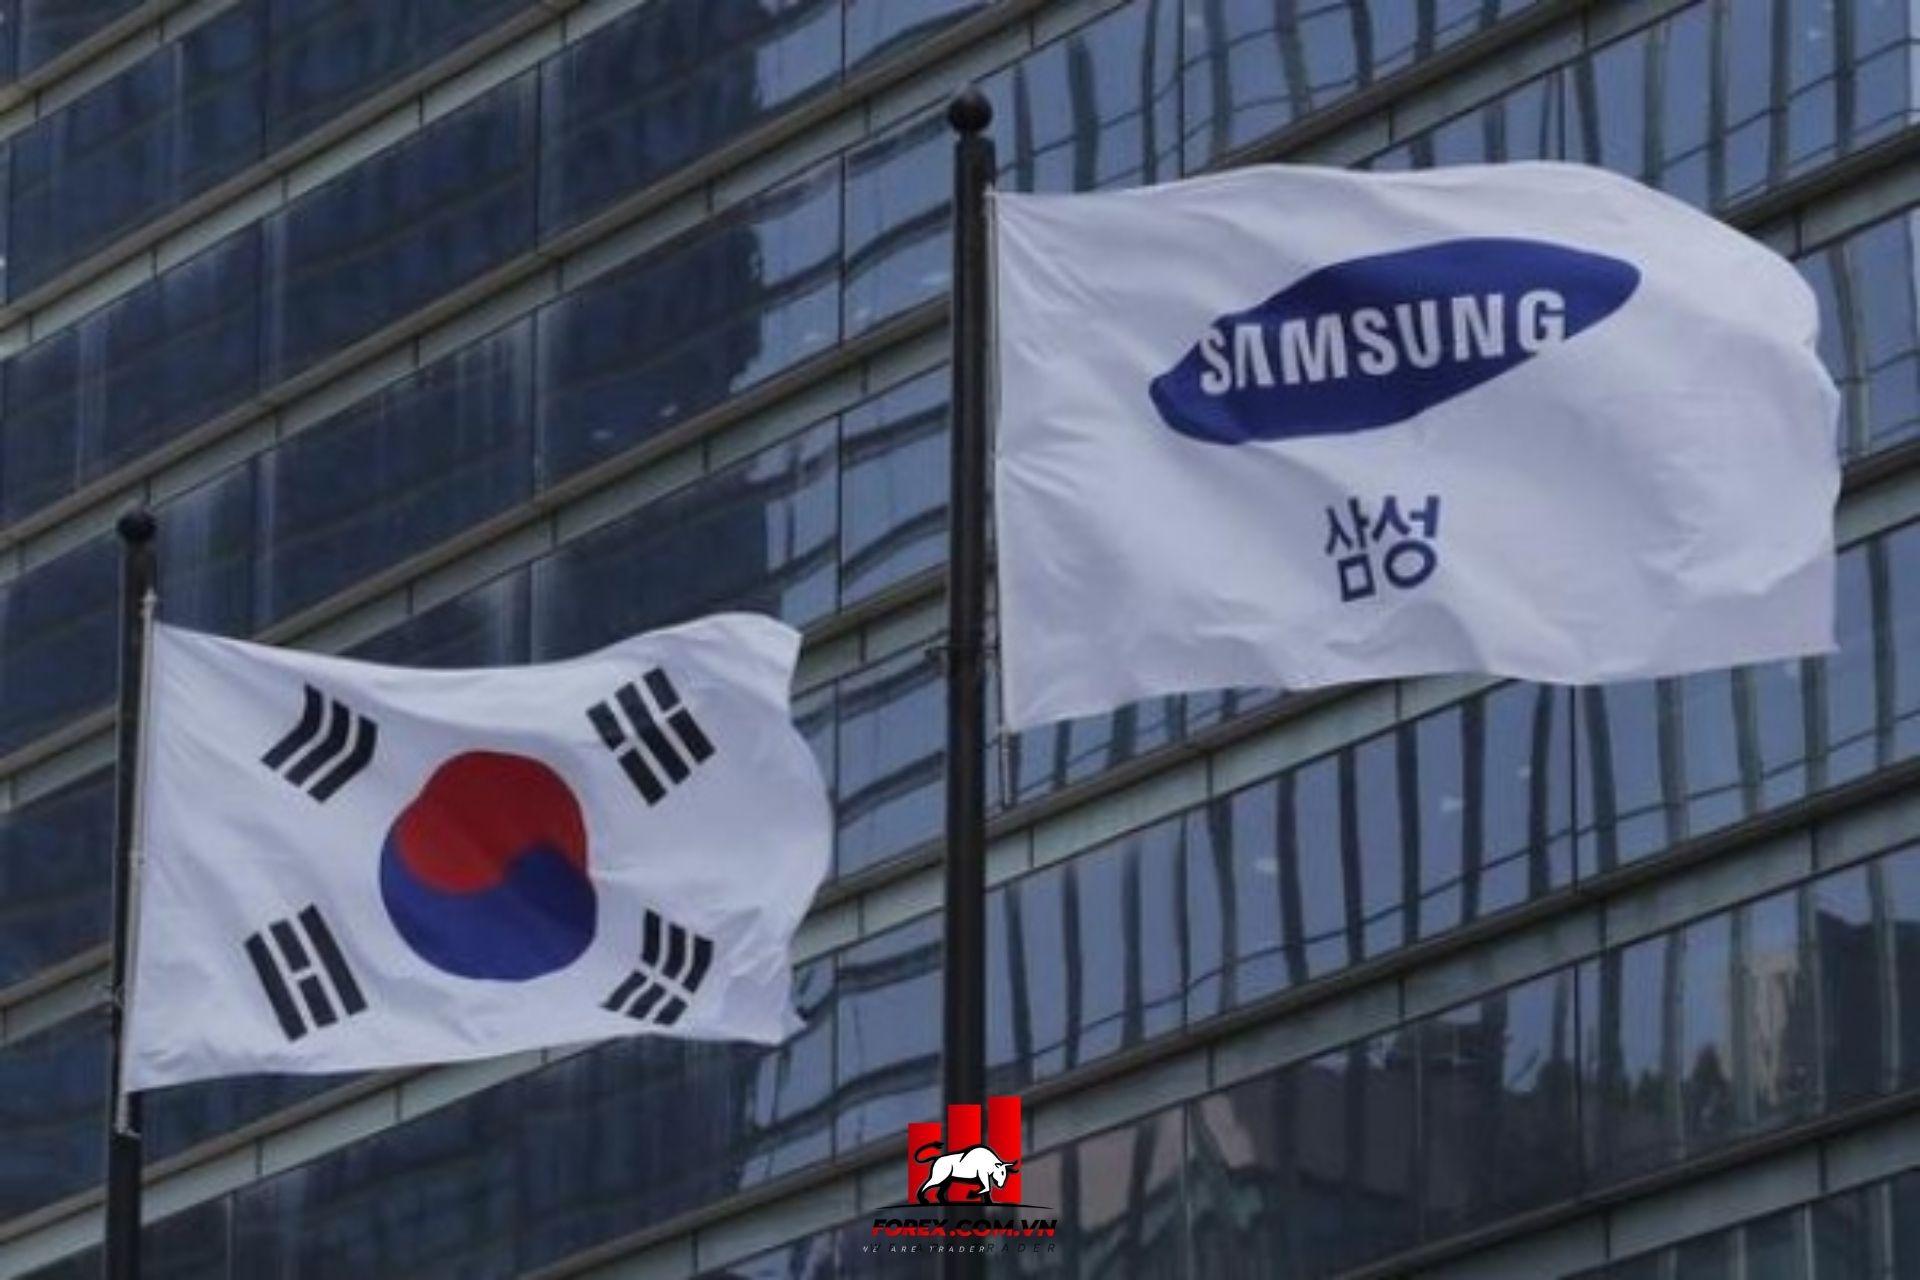 Cổ phiếu Samsung tăng khi Chủ tịch Lee qua đời